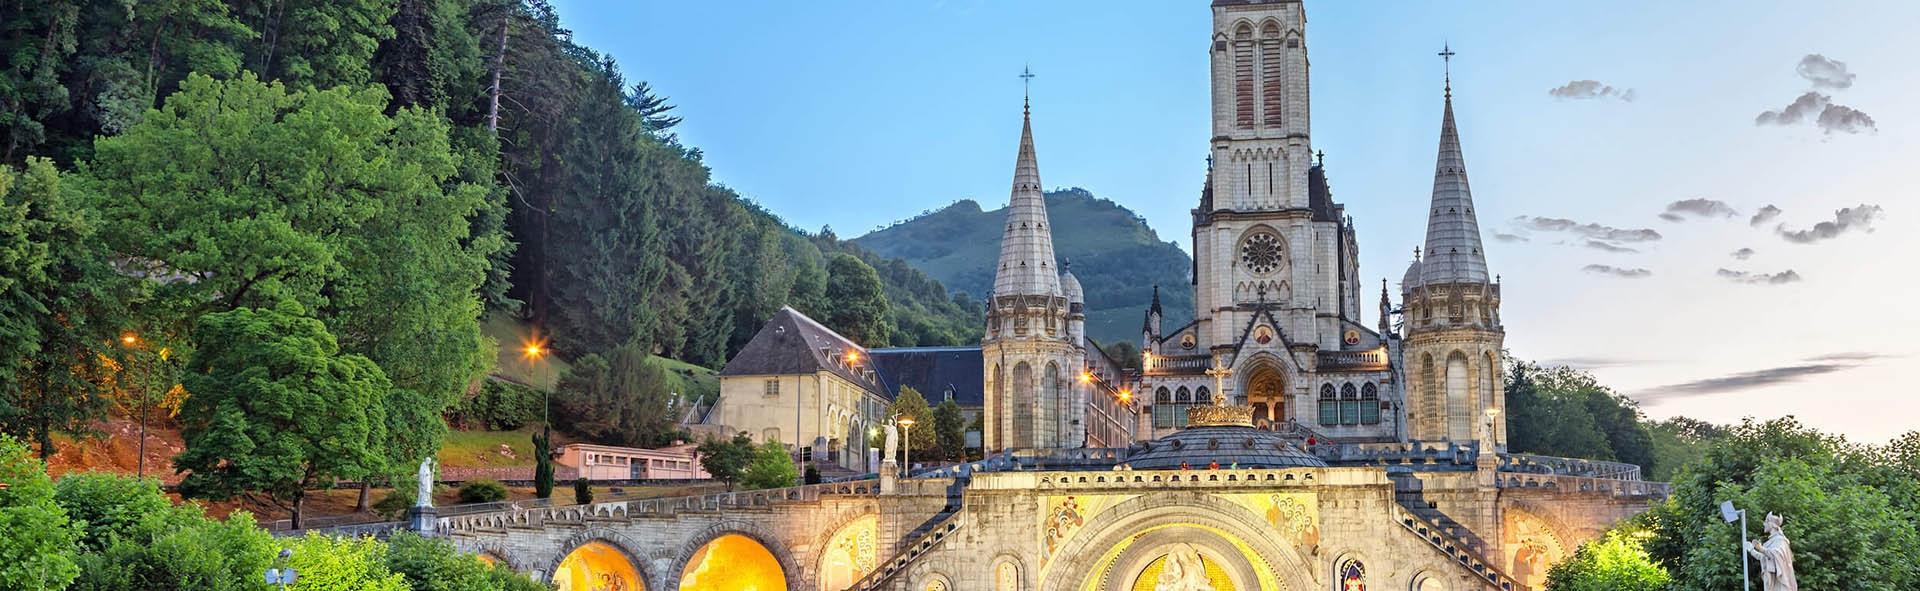 Viaggio a Lourdes in Aereo da Napoli Immacolata 4 giorni